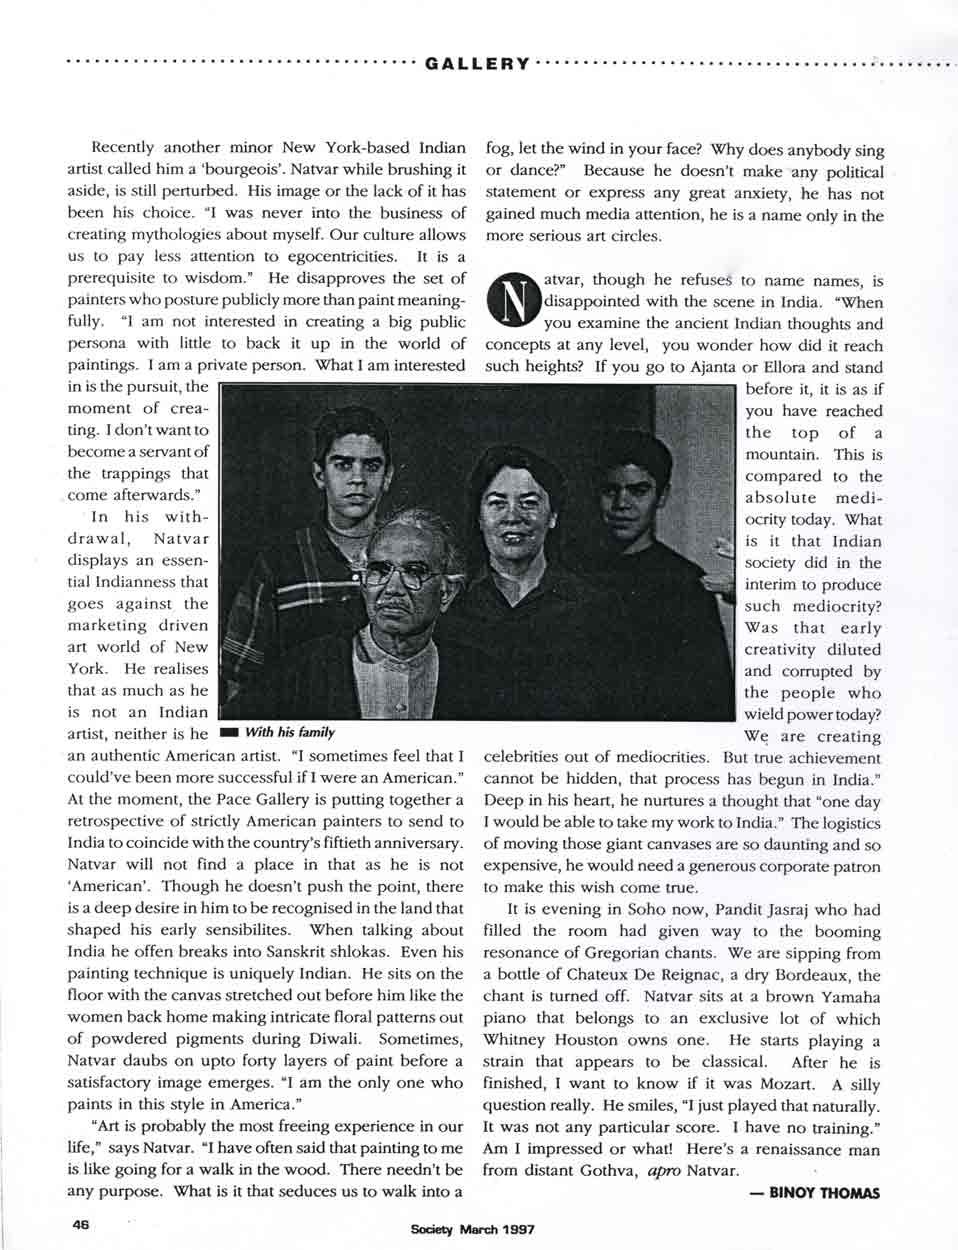 Renaissance Man, article, pg 2